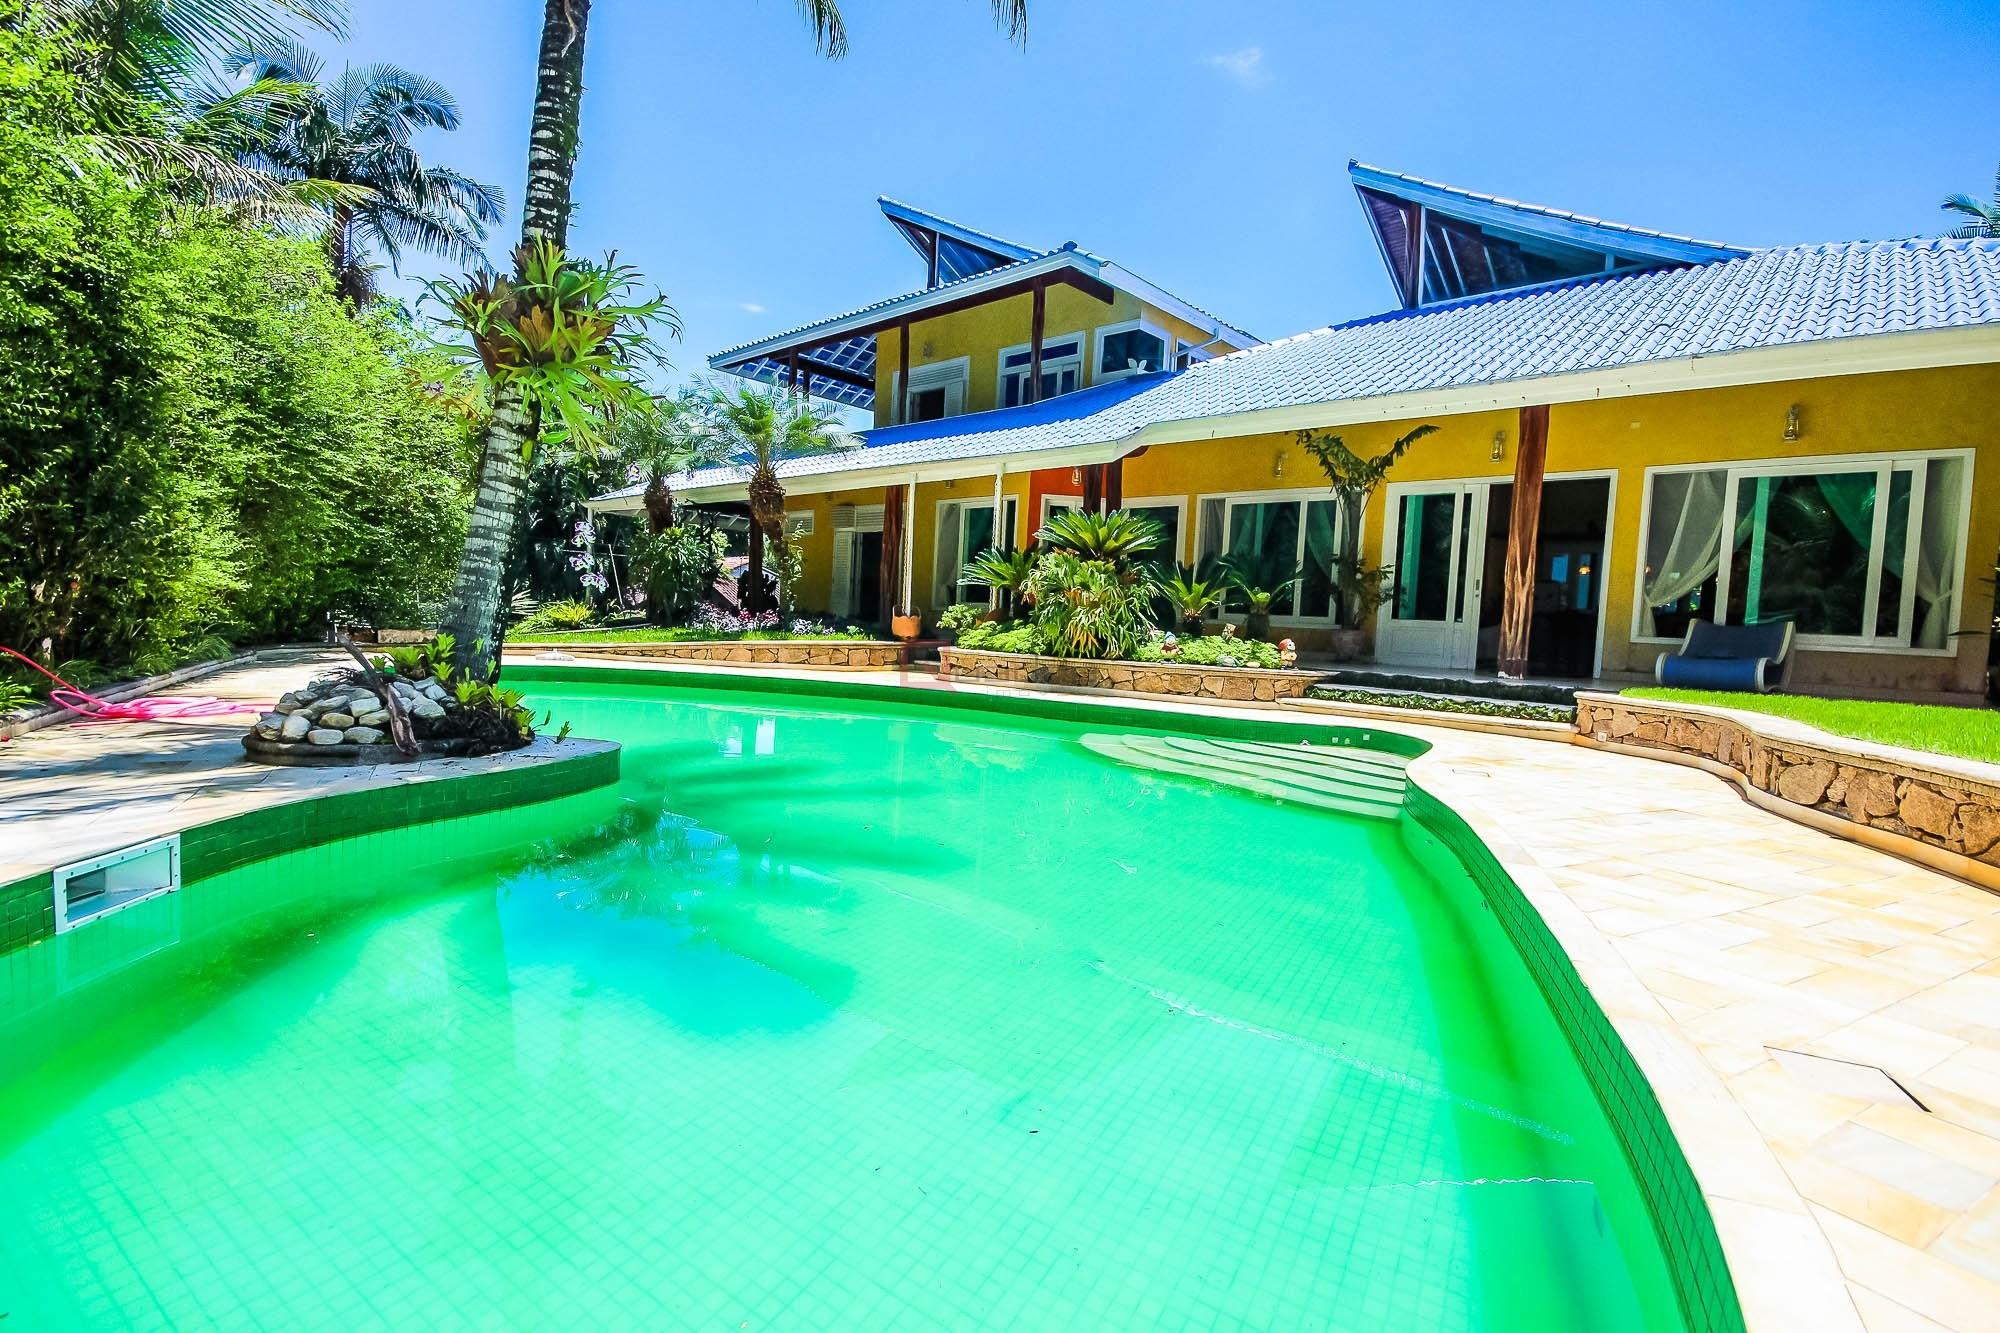 Casa com 4 suítes à venda em Caraguatatuba, no bairro Park Imperial